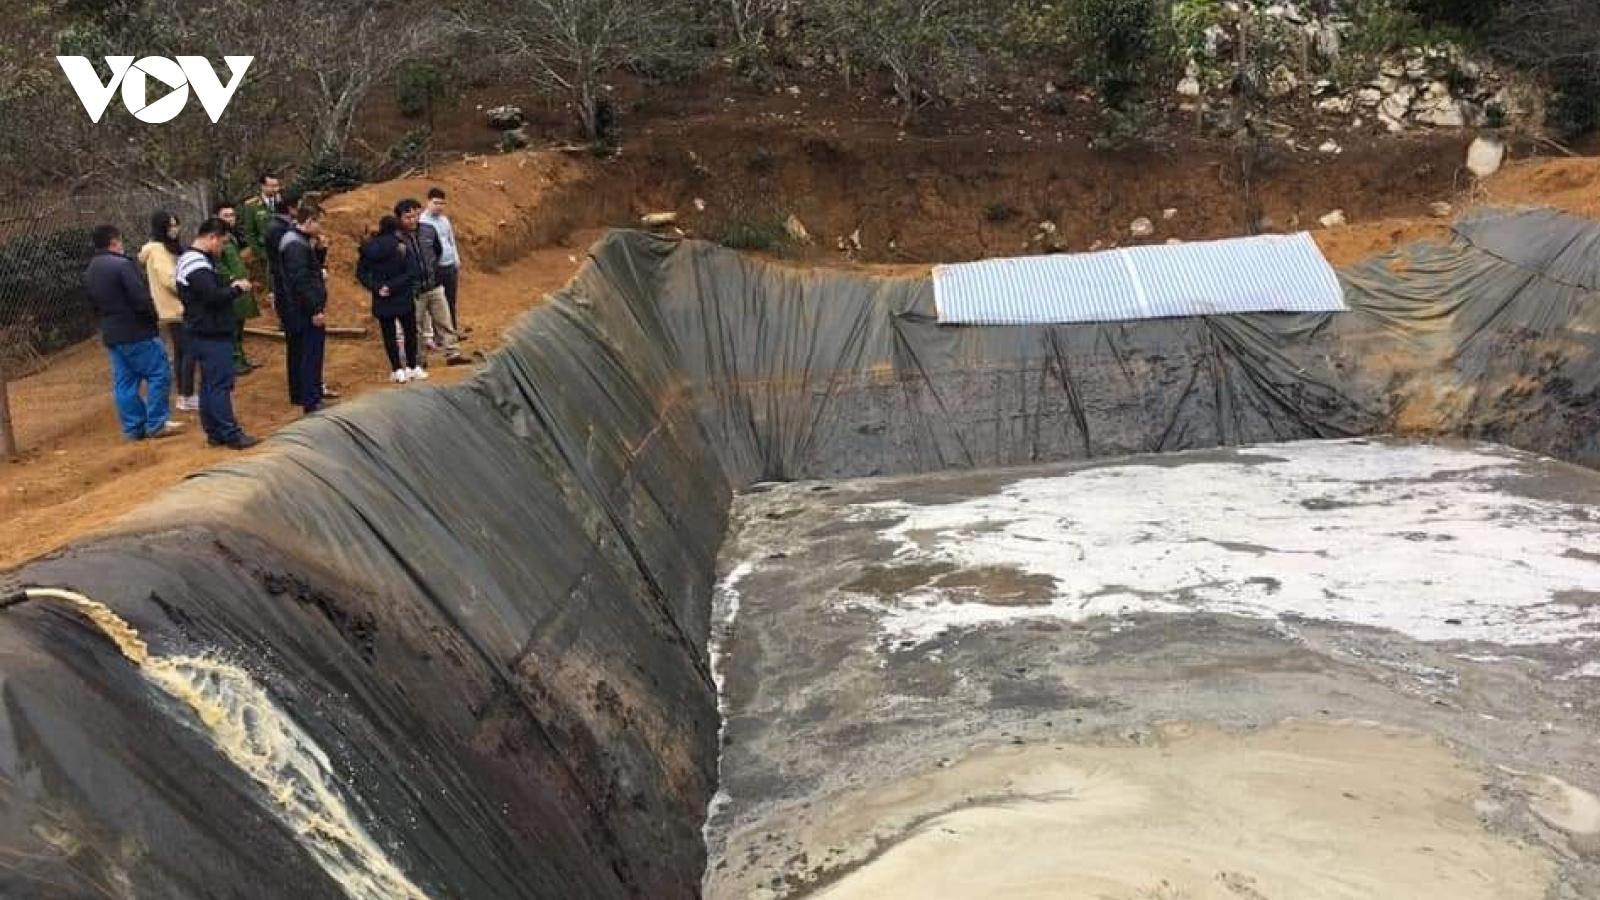 Đình chỉ các cơ sở sản xuất, kinh doanh có nguy cơ gây ô nhiễm nguồn nước ở Sơn La